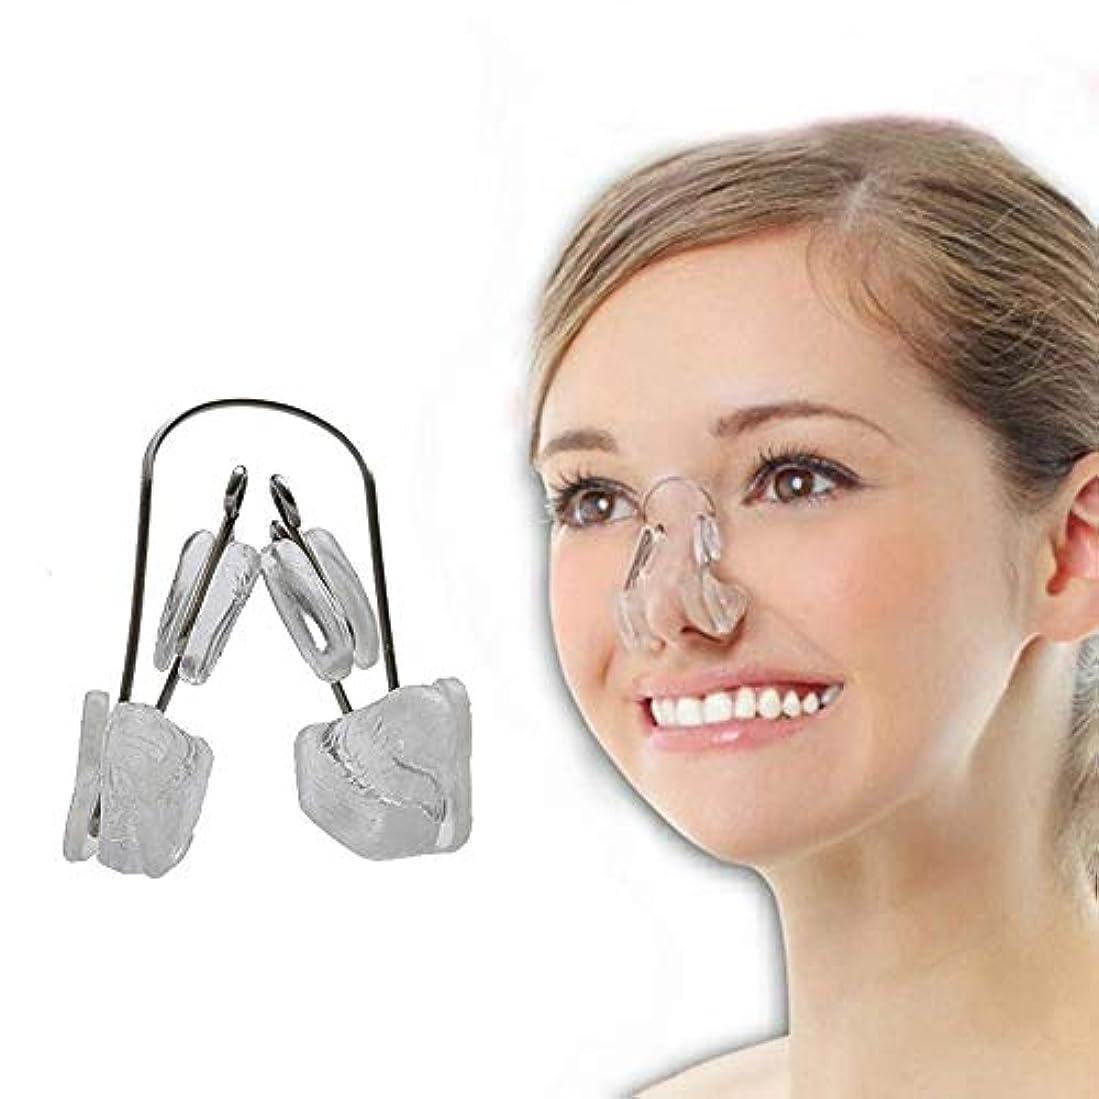 大気言い直す息を切らしてLindexs ないノーズアップピン ノーズアップピン 美鼻クリップ 鼻高く 鼻筋 矯正 (クリア)